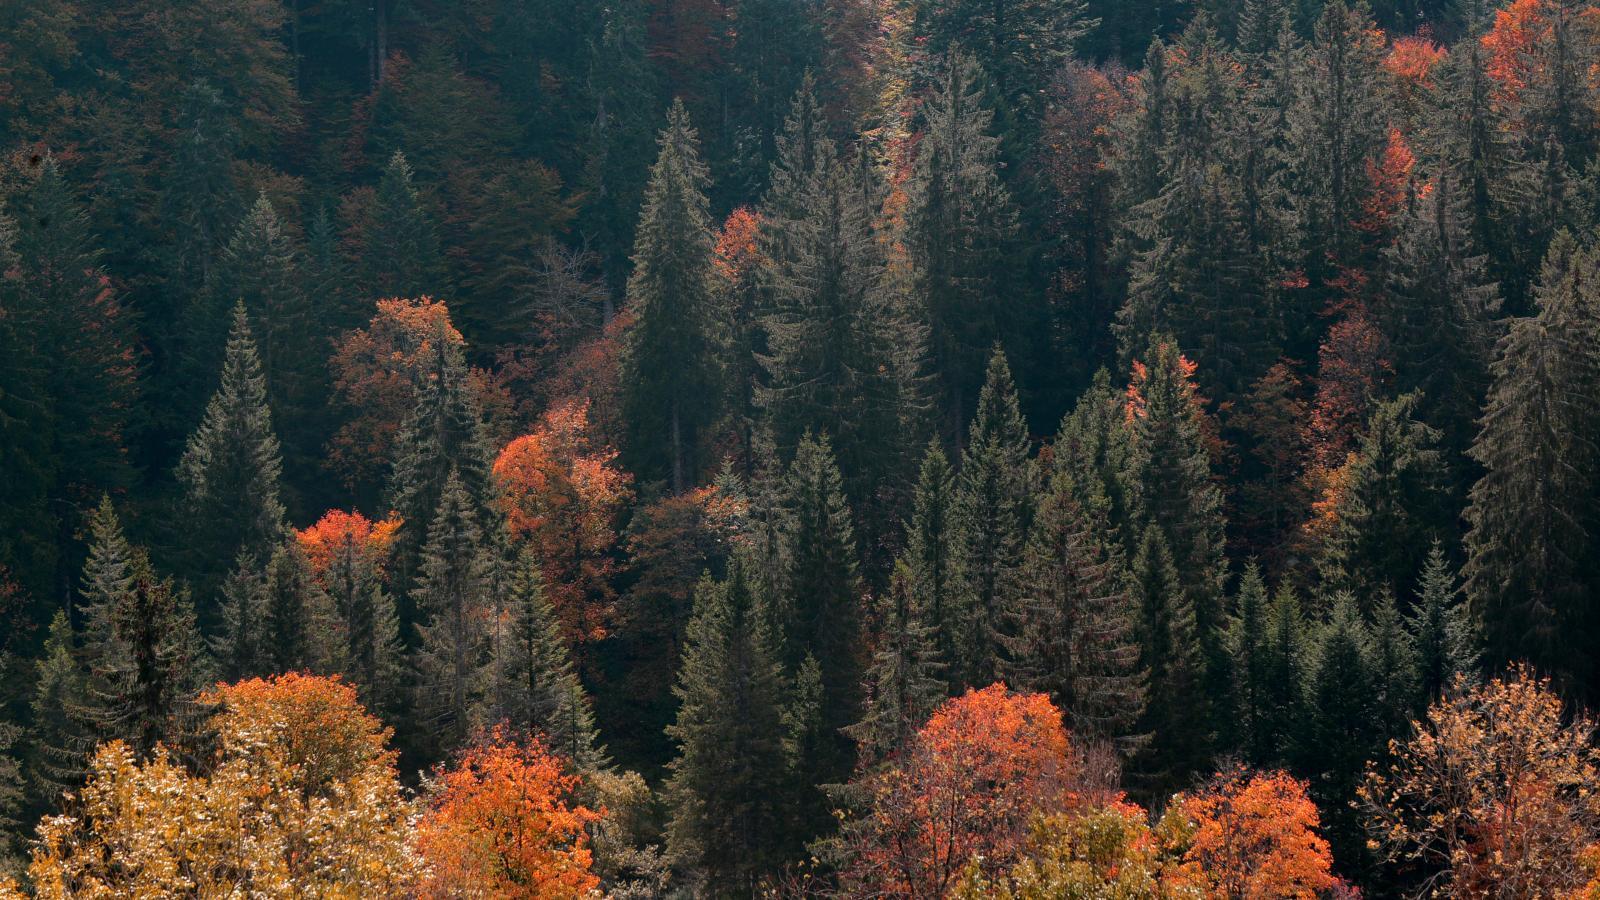 Les Zone Blanches / Forêt de gérardmer